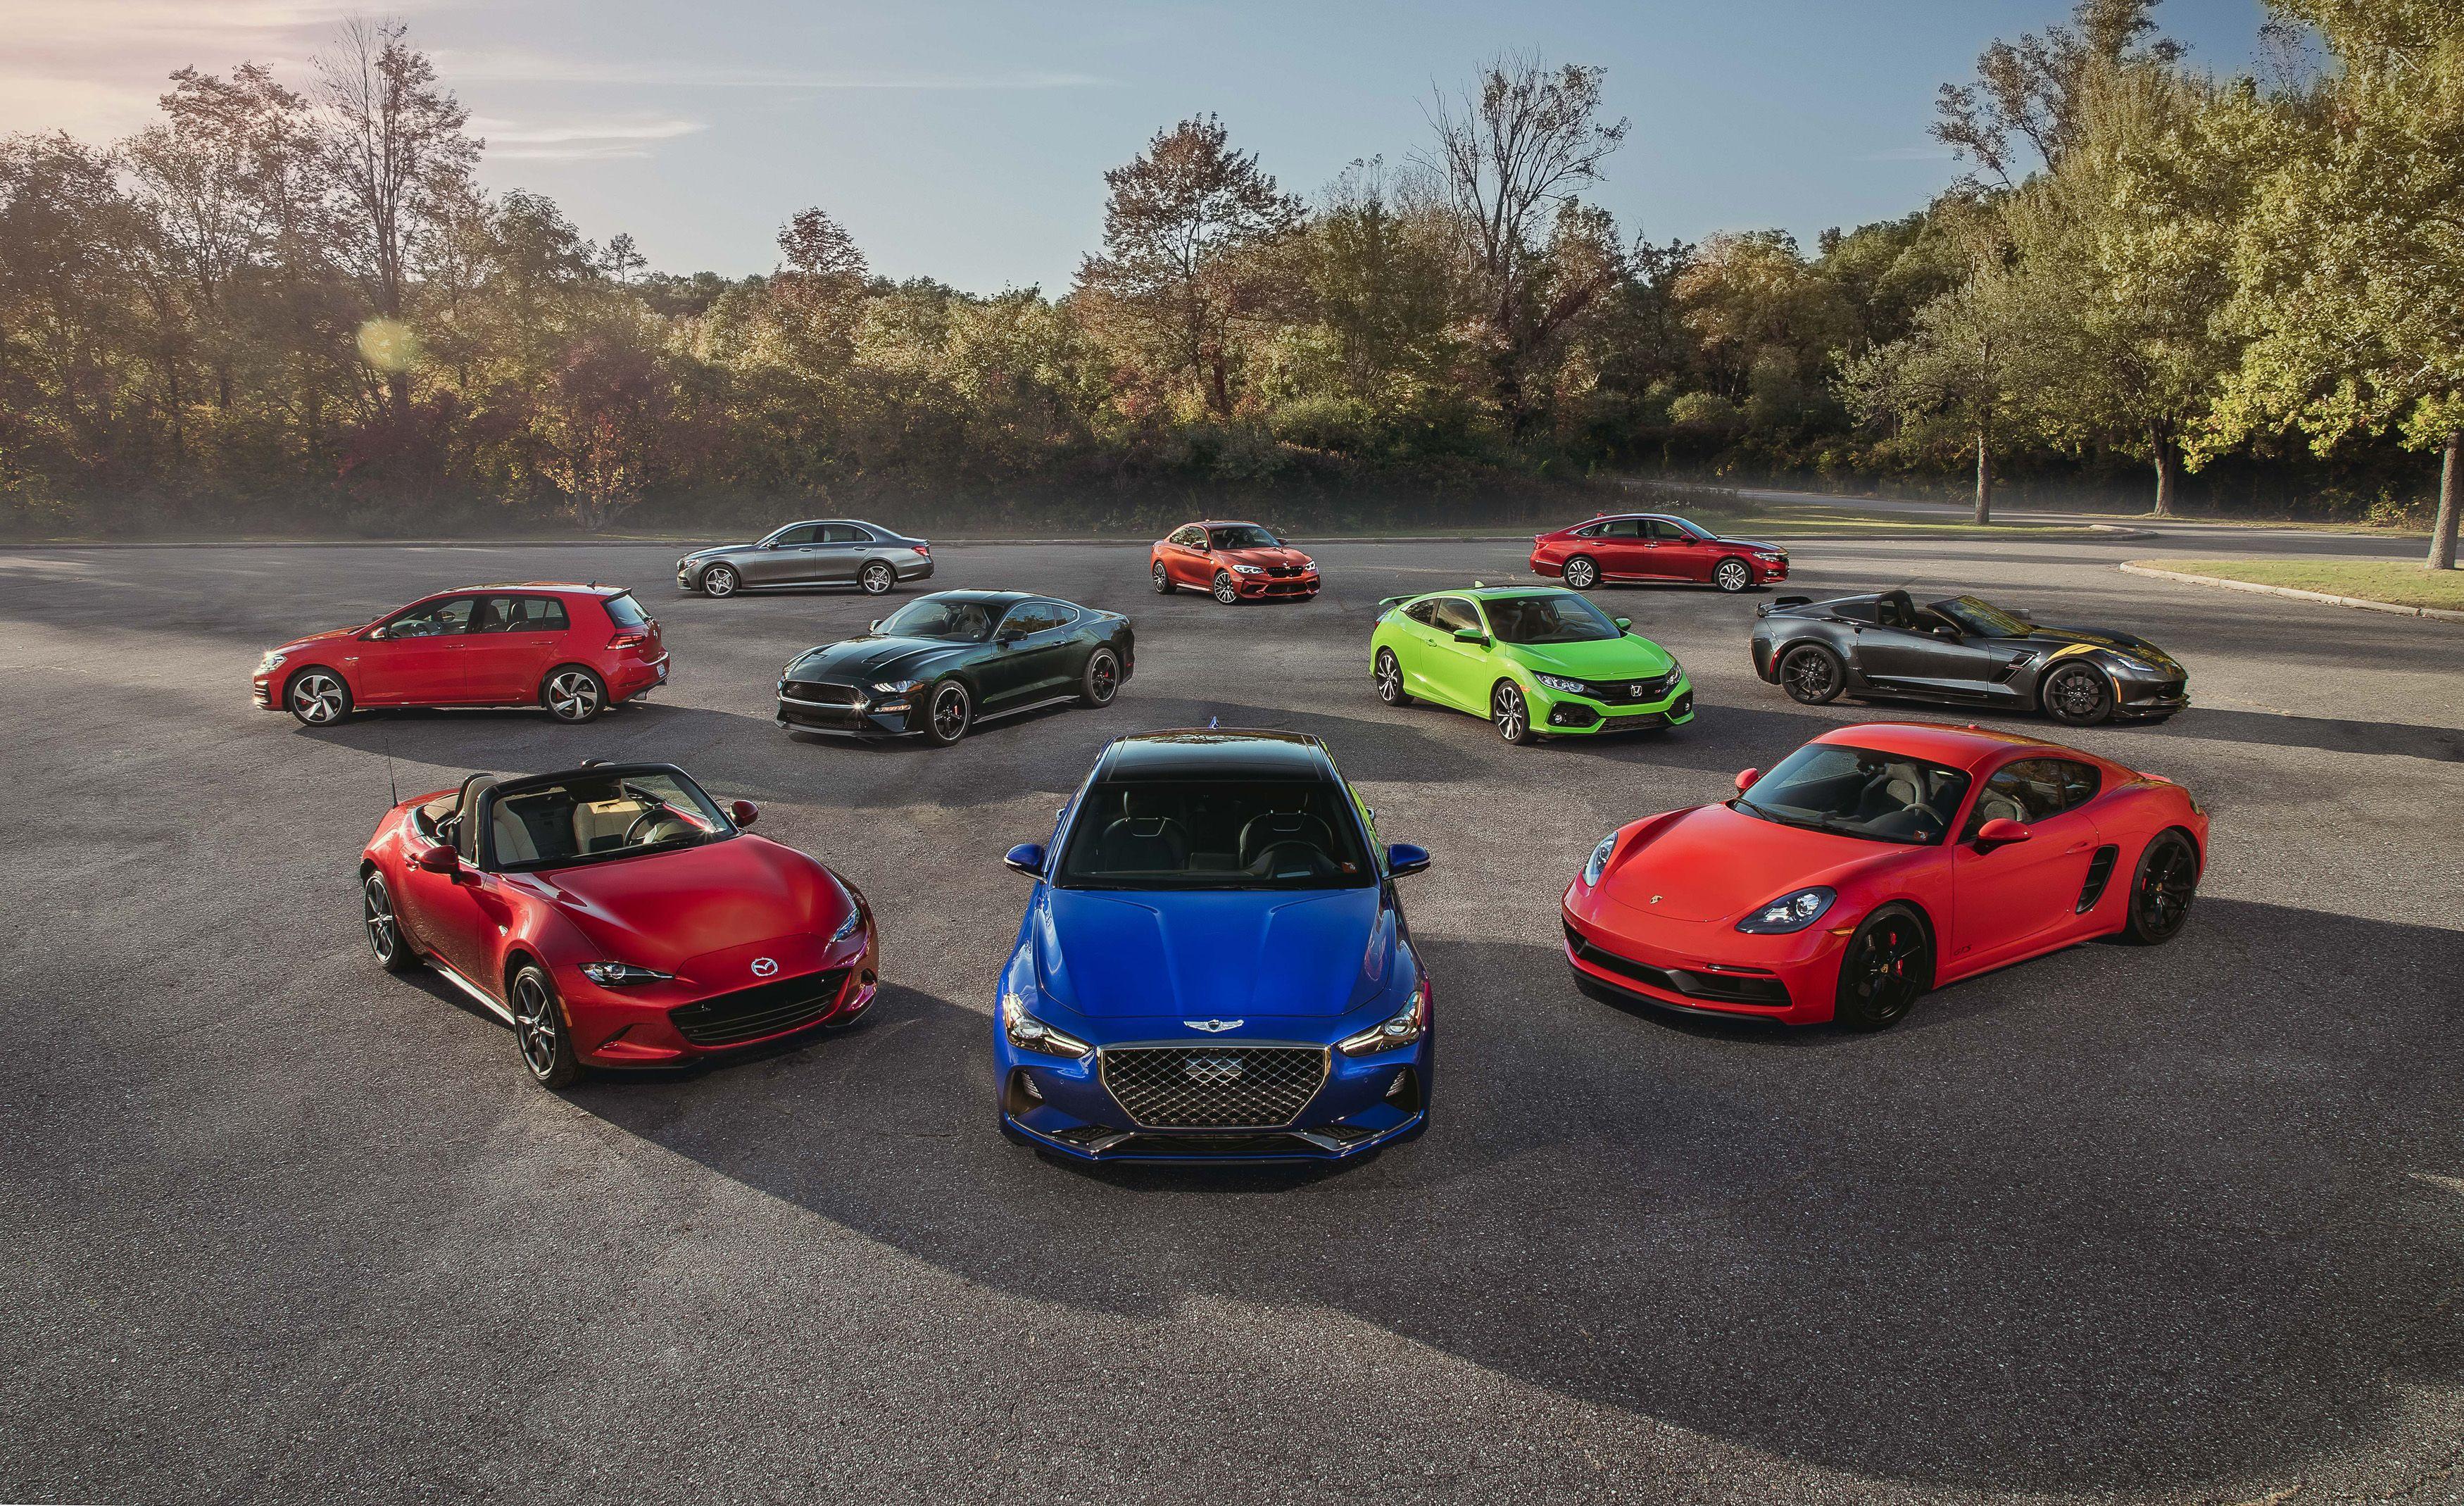 The 50 Best Cars in America in 2013